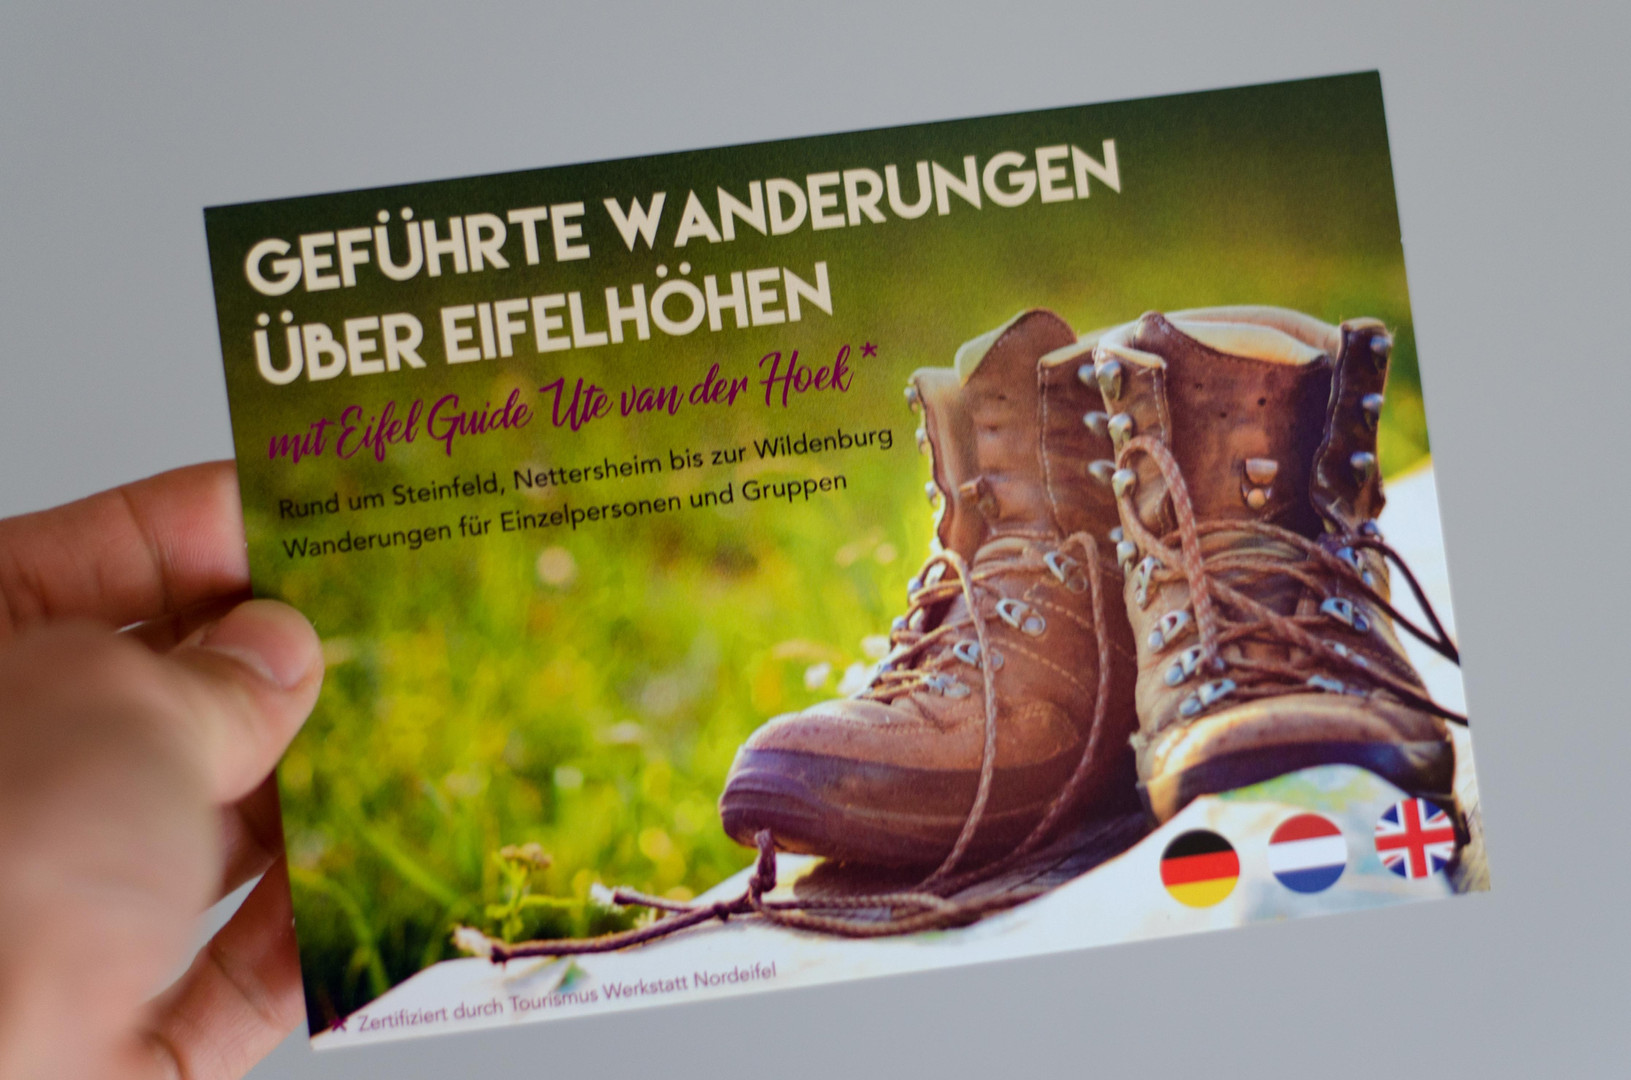 Flyer_Wanderguide_Ute_van_der_Hoek.jpg